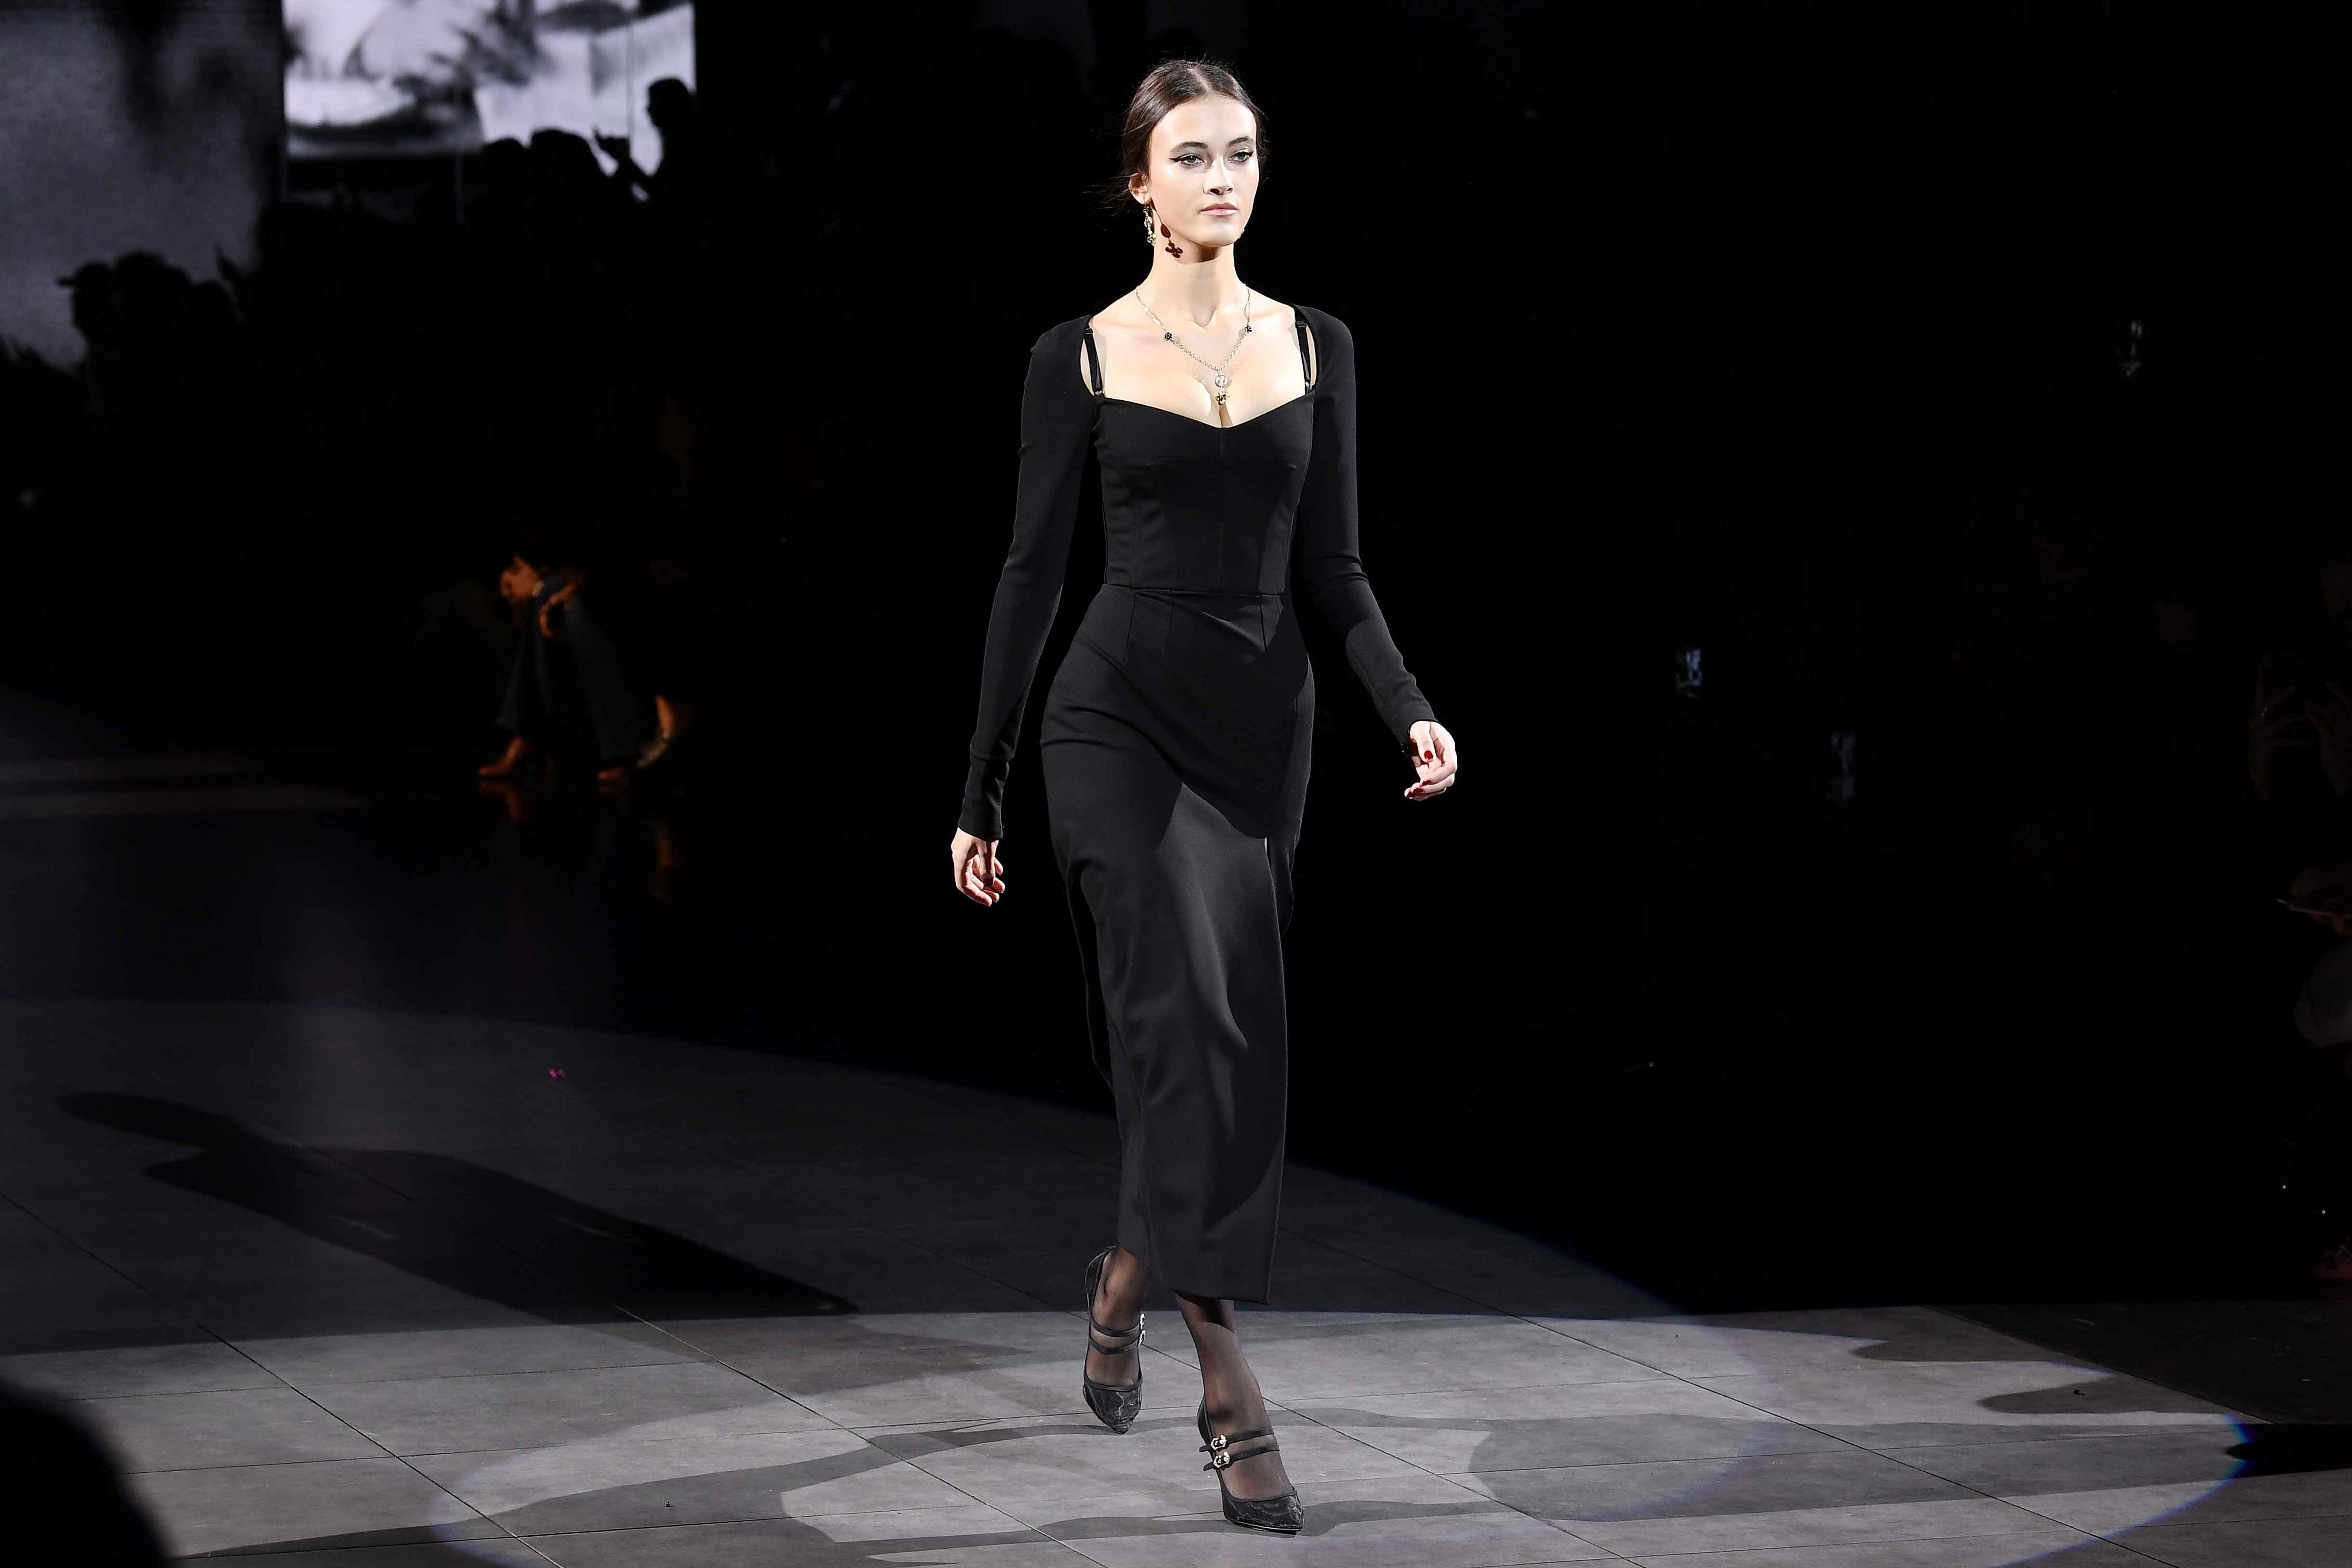 MFW: Dolce & Gabbana o cómo reinterpretar el clásico vestido negro para otoño-invierno 2020